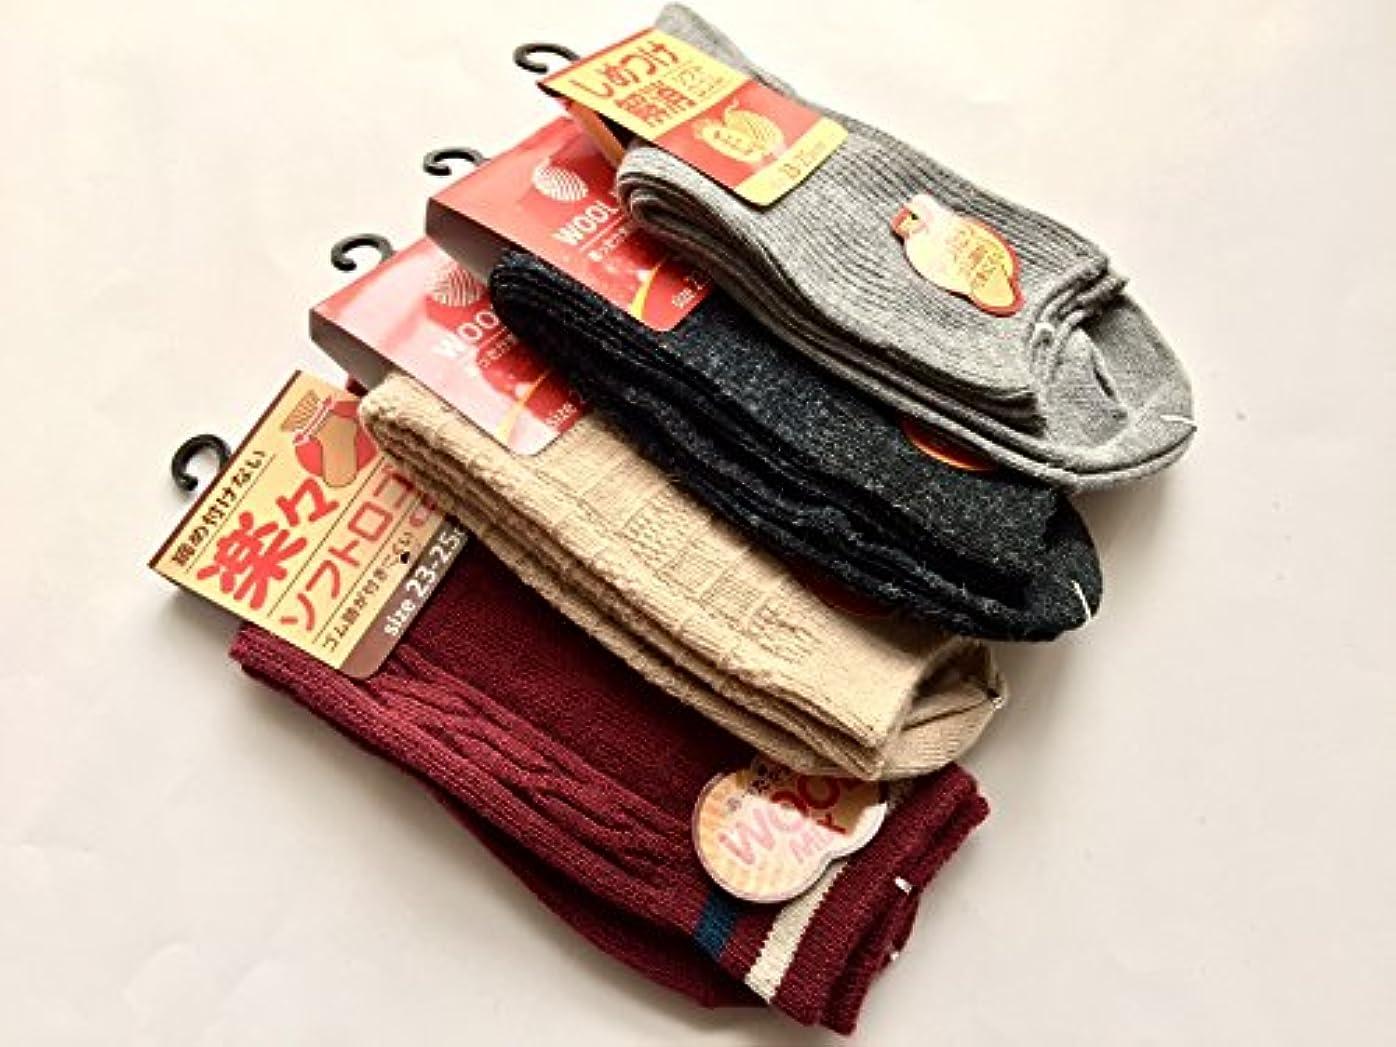 威する上に築きます増加する靴下 レディース あったか 毛混 口ゴムゆったり 23-25cm お買得4足組(柄はお任せ)